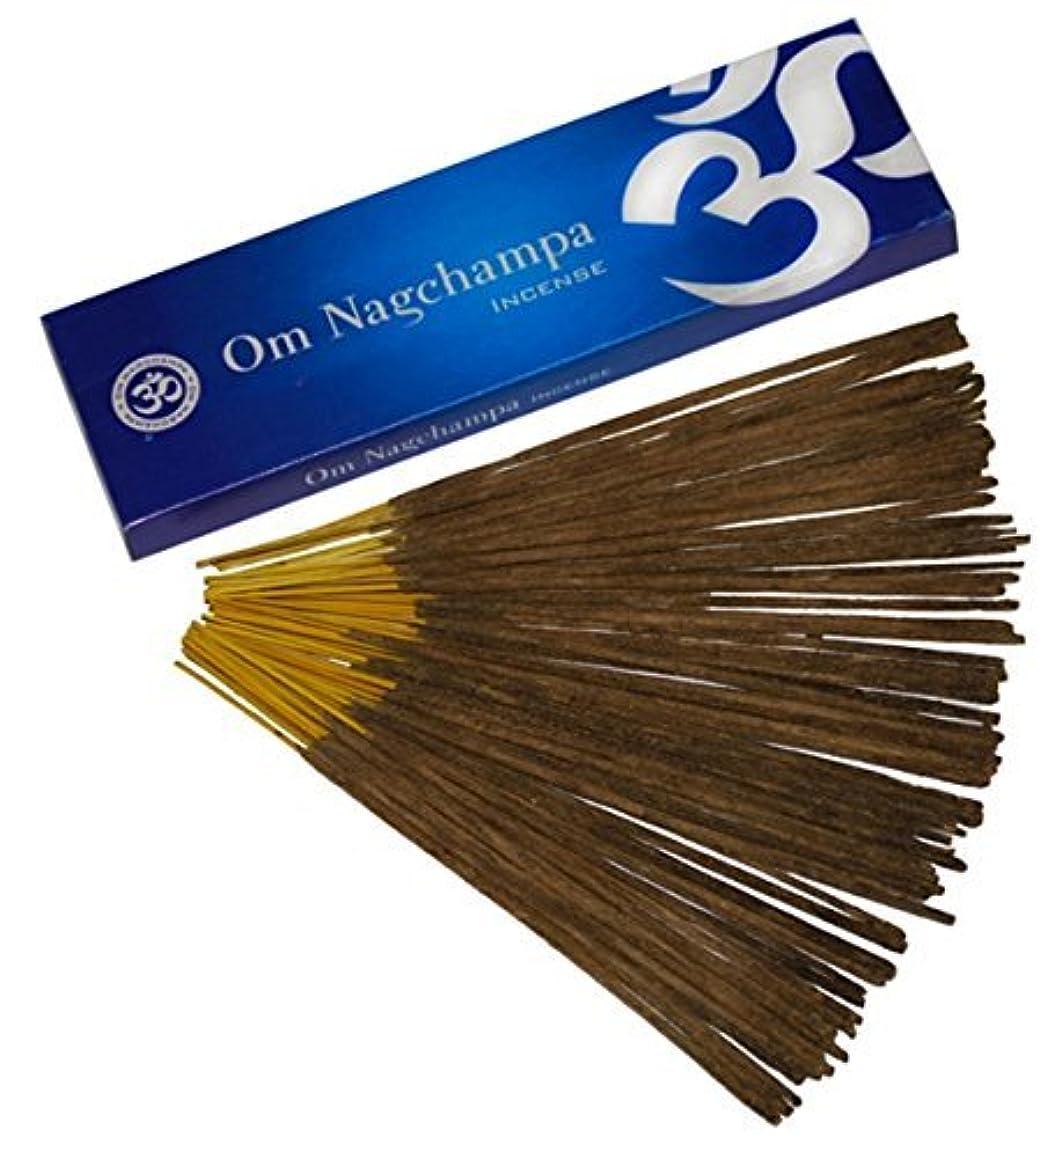 再集計申し立て観察Om Nagchampa Nag ChampaプレミアムIncense Fragrance 15 g 40 g 100 g 100g ブラウン B00MV3LZ9E